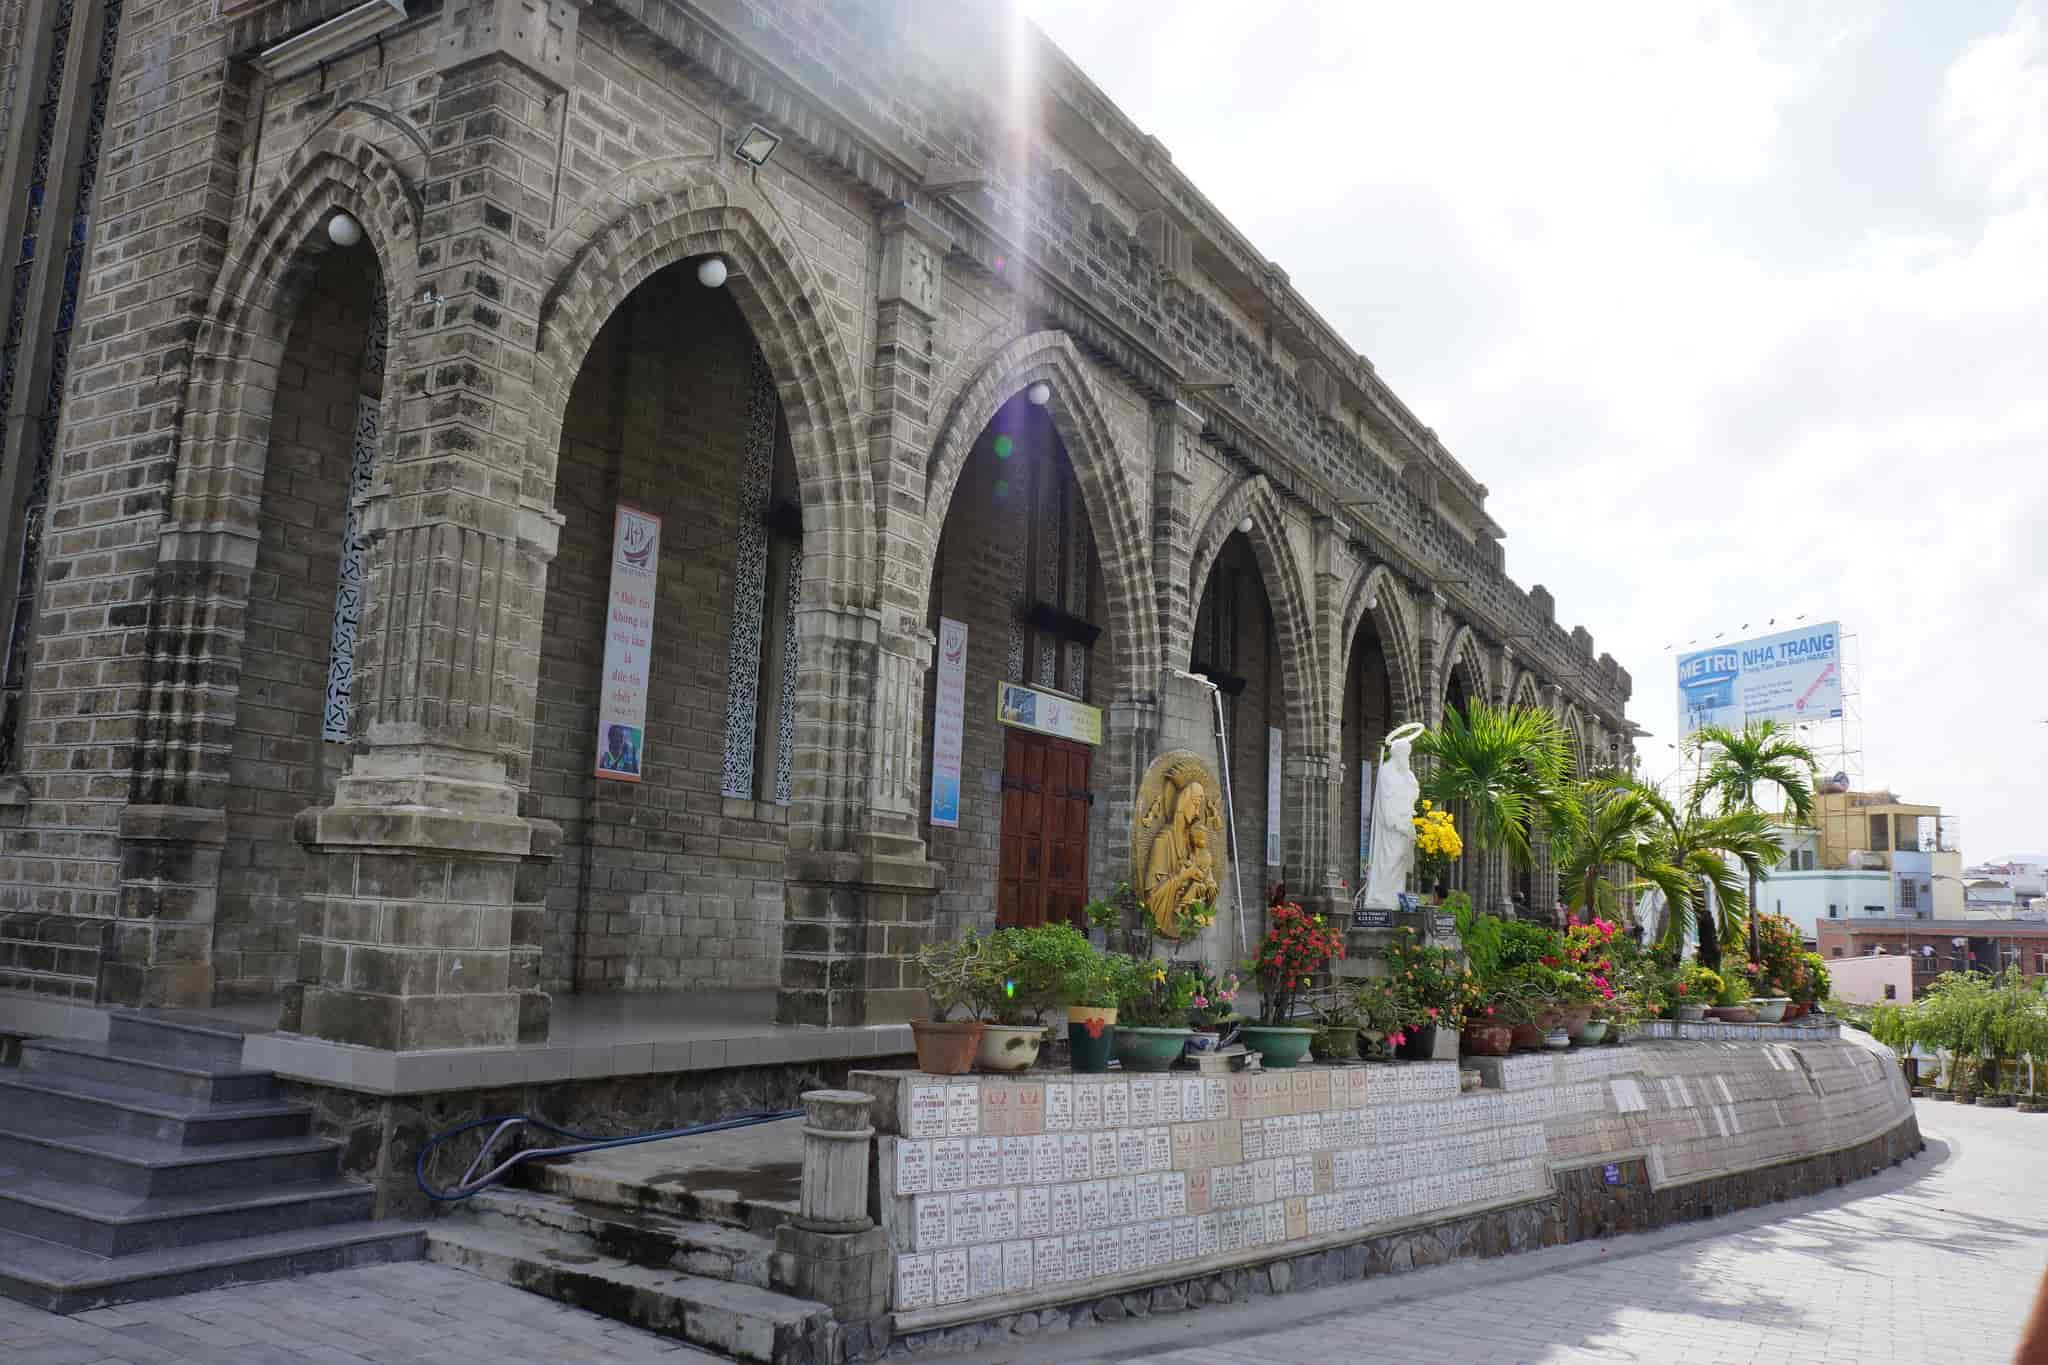 Nhà Thờ Đá Nha Trang - Nhà Thờ Kiến Trúc Gothic Đẹp Nhất Việt Nam